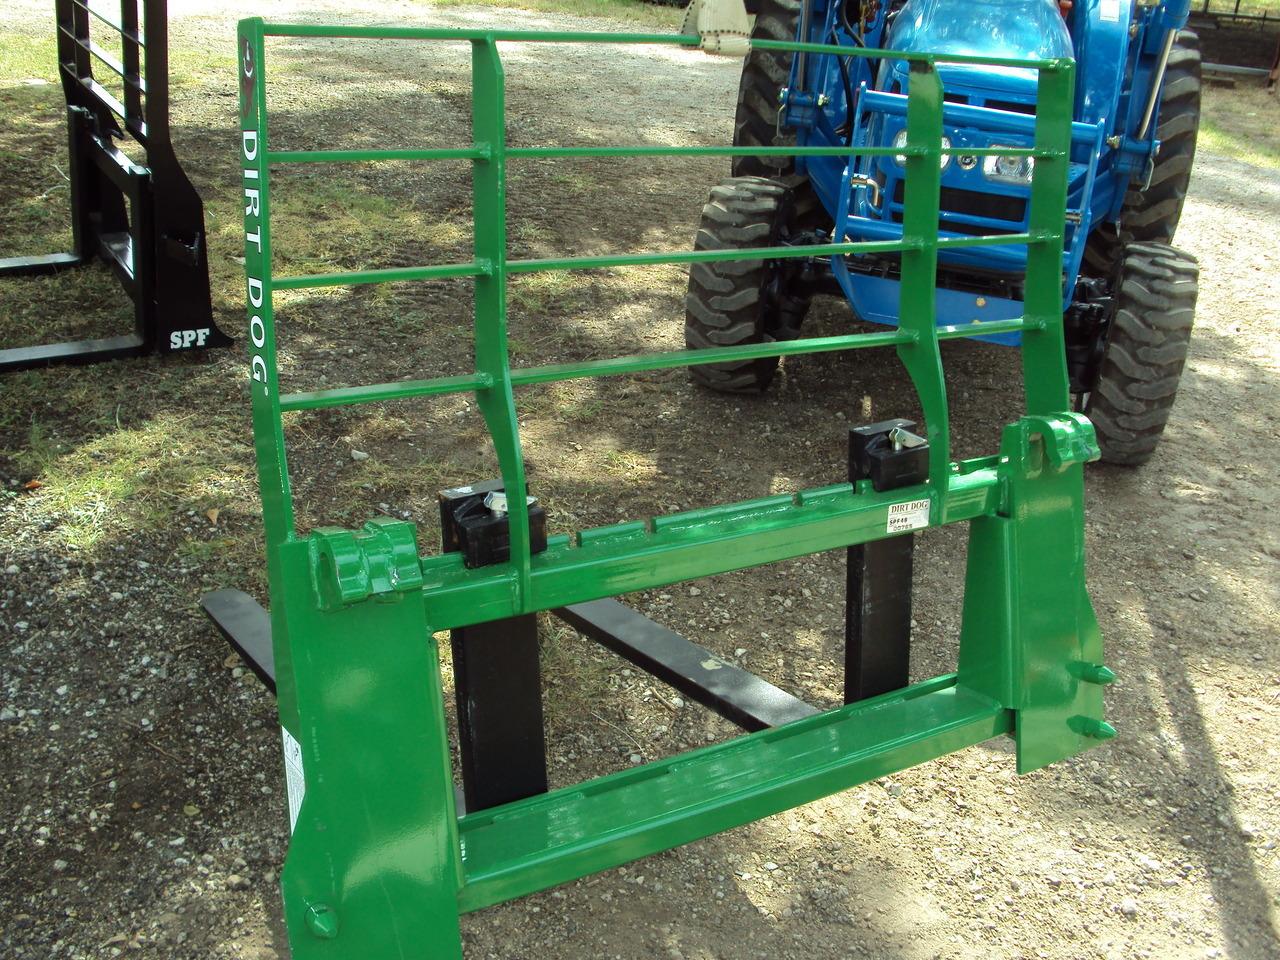 Jd Tractor Forks : Dirt dog john deere style pallet forks magnolia tx